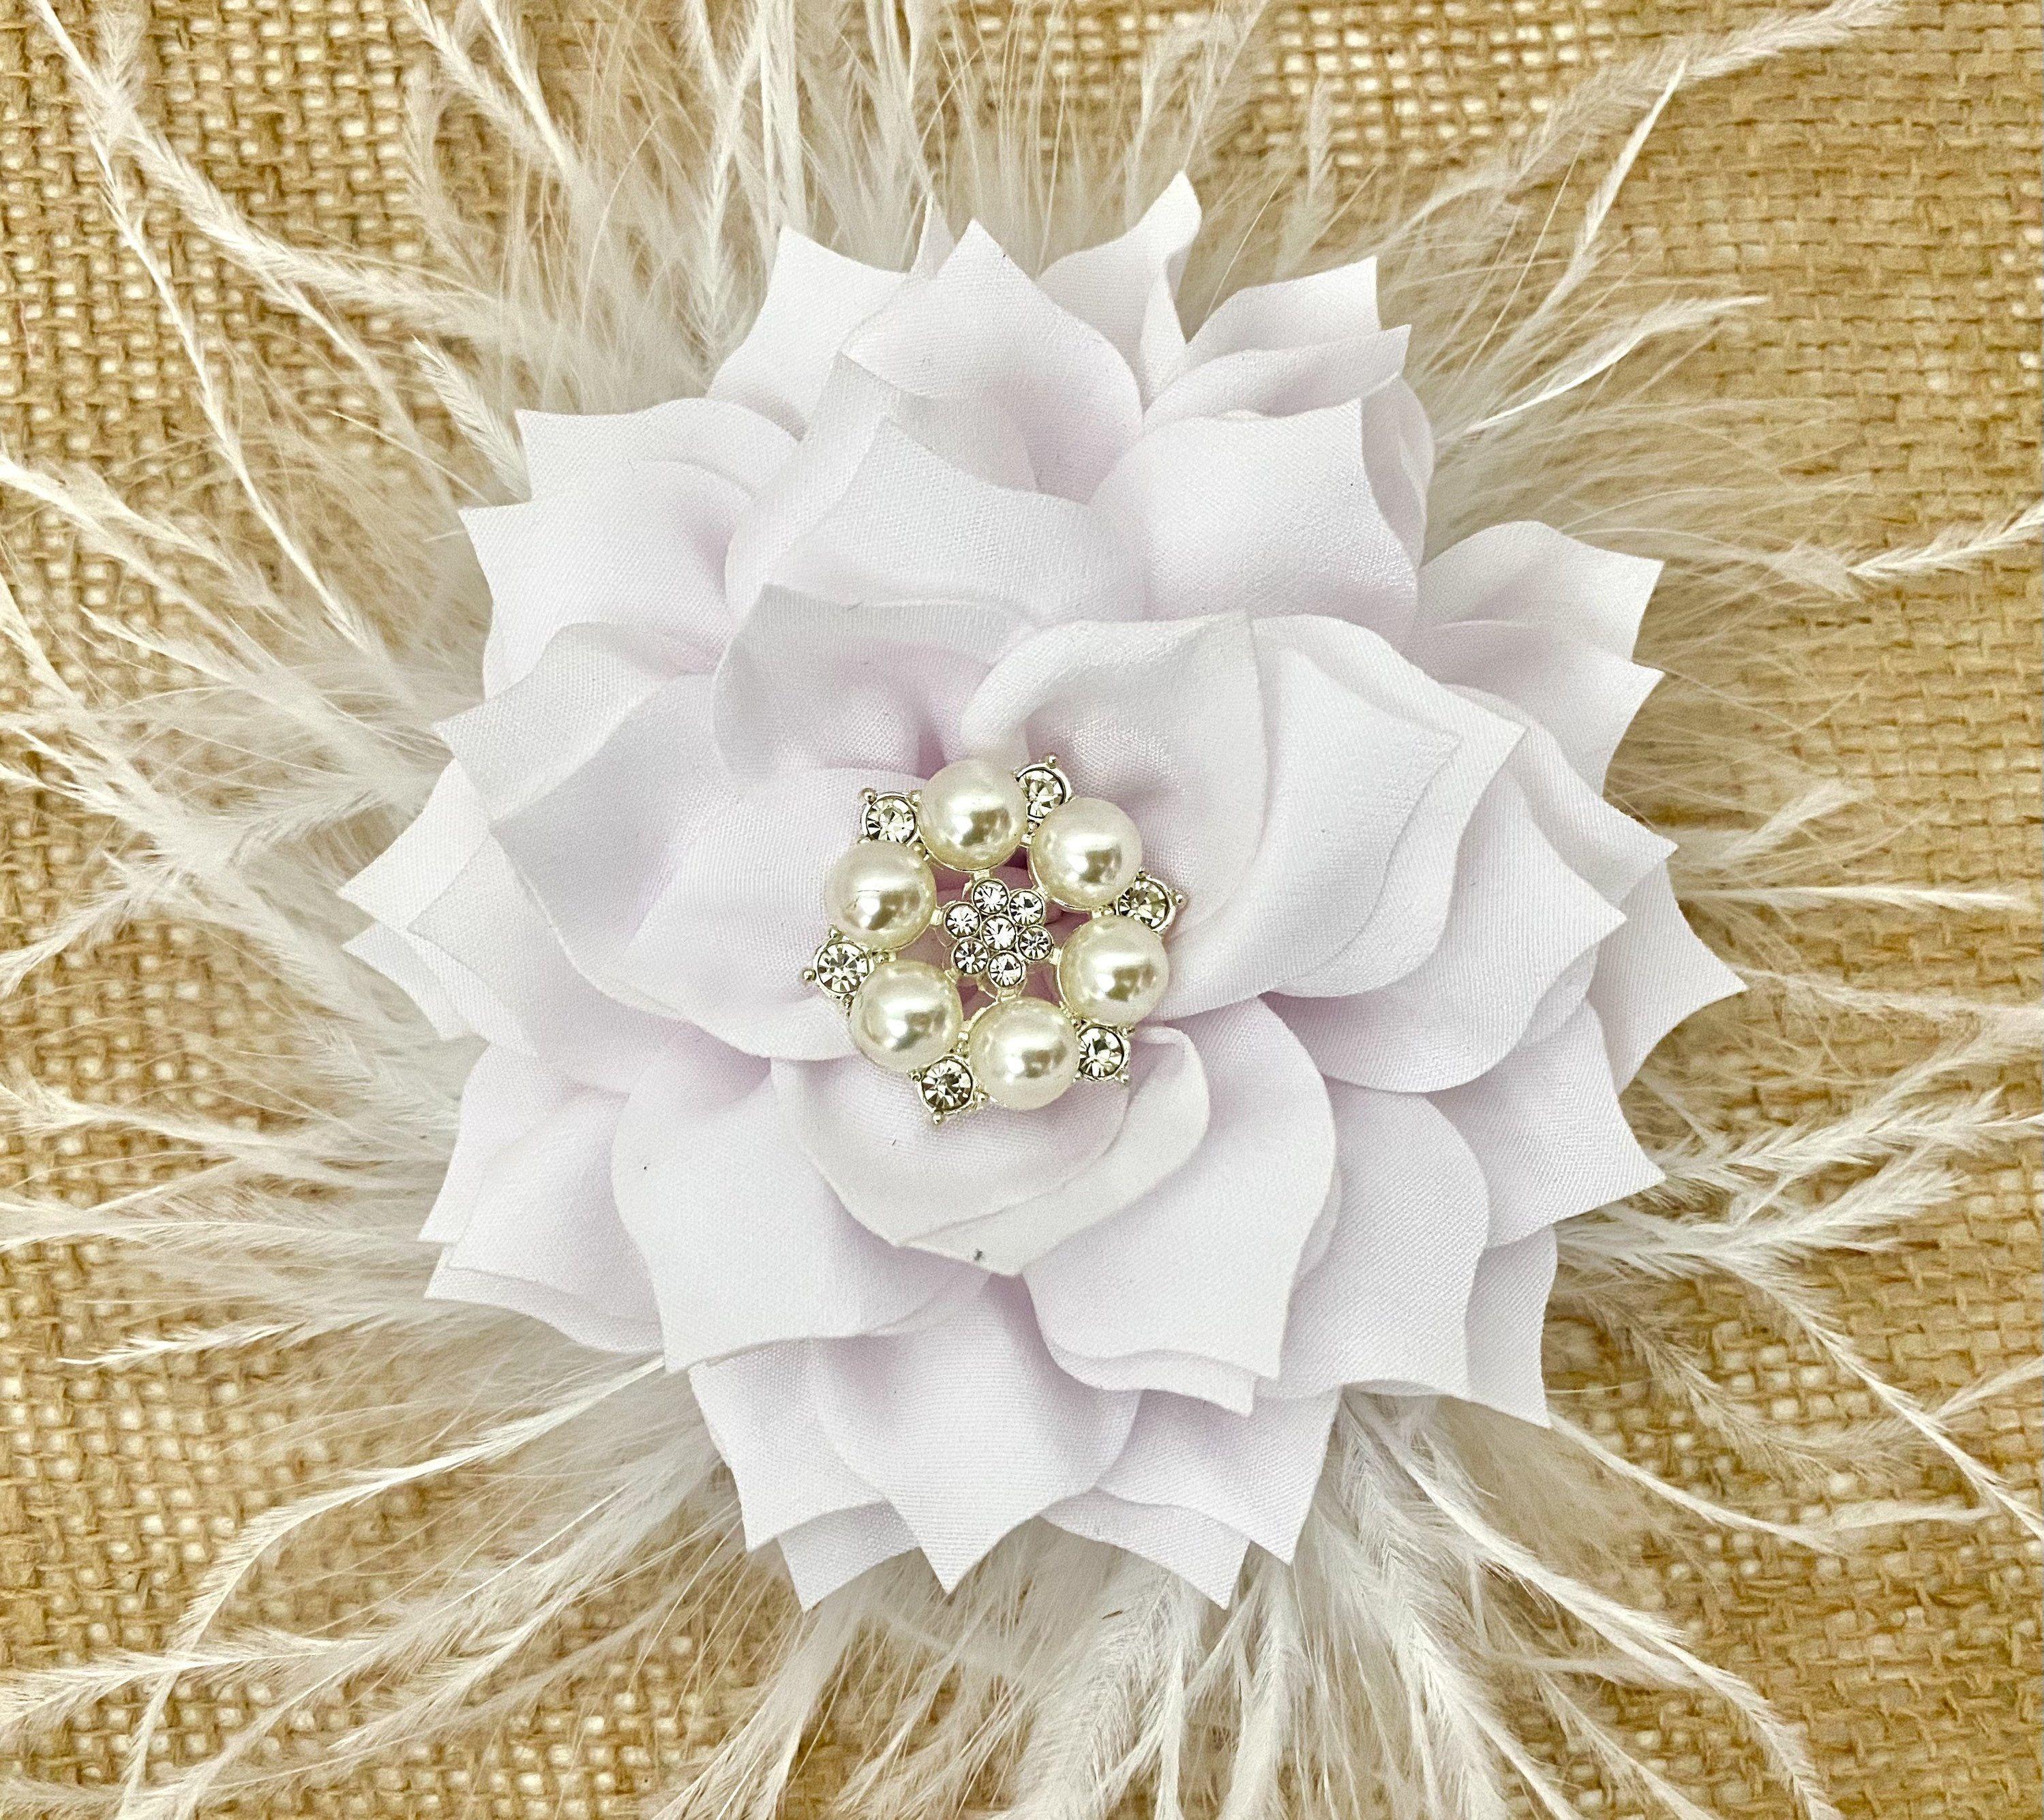 White Floral Hair Bow Clip